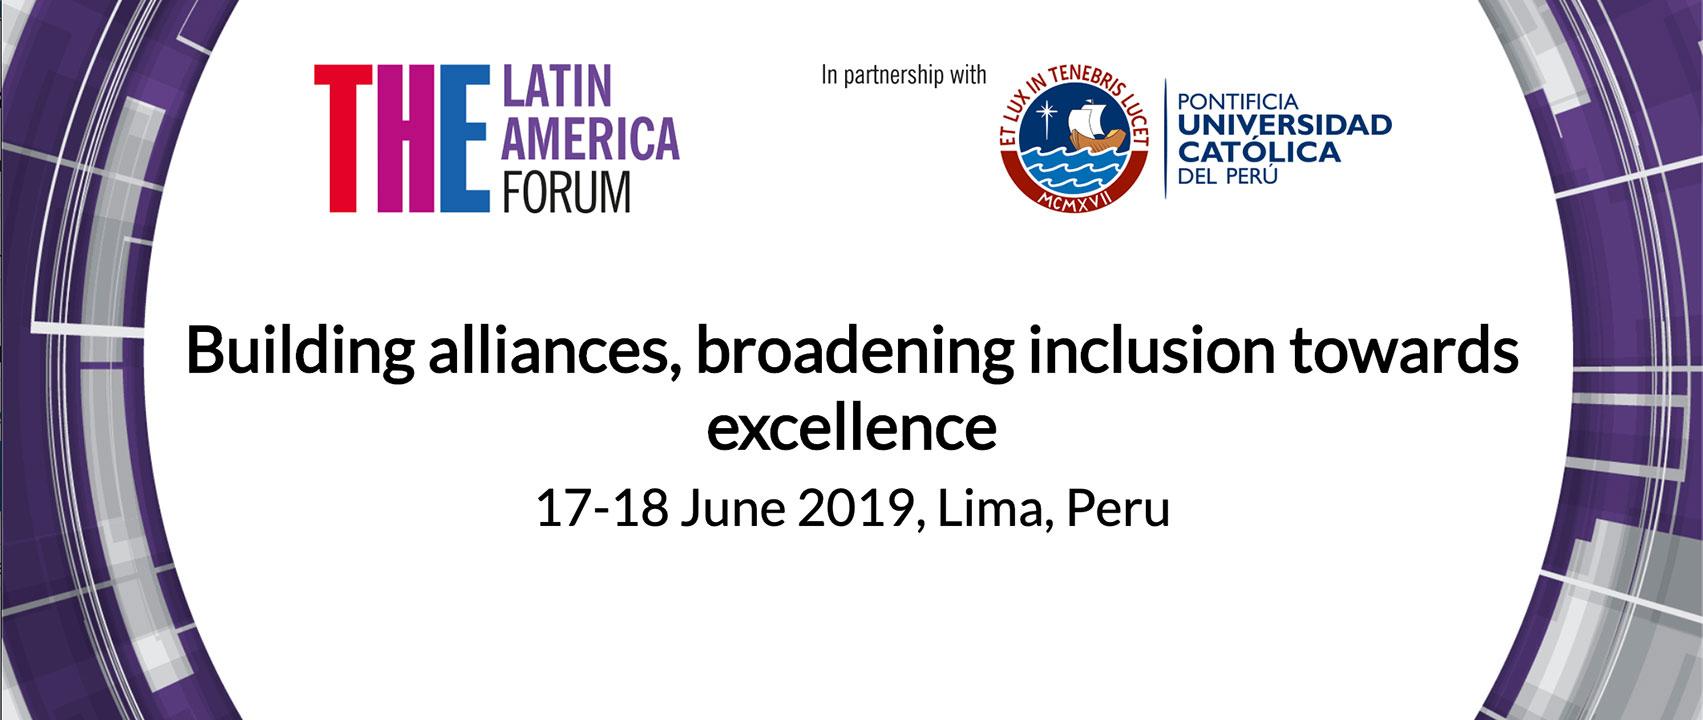 Artes y Humanidades de Uniandes en el Foro Latinoamericano de Times Higher Education